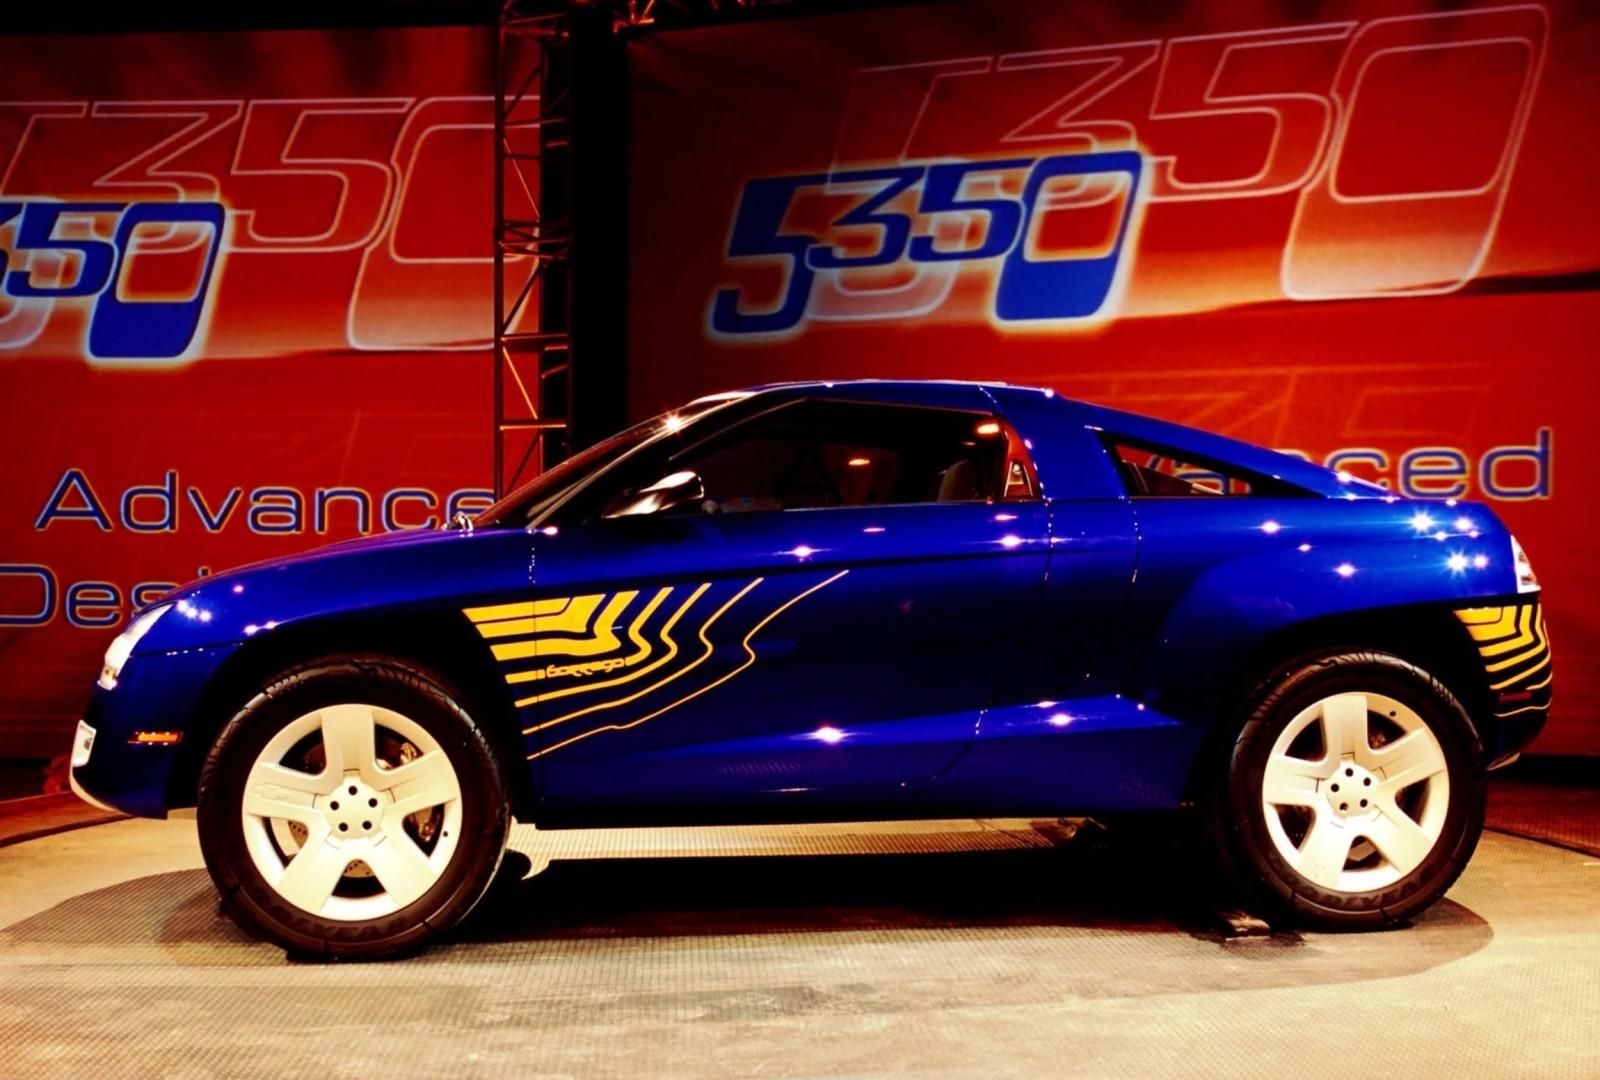 concept flashback - 2001 chevrolet borrego concept